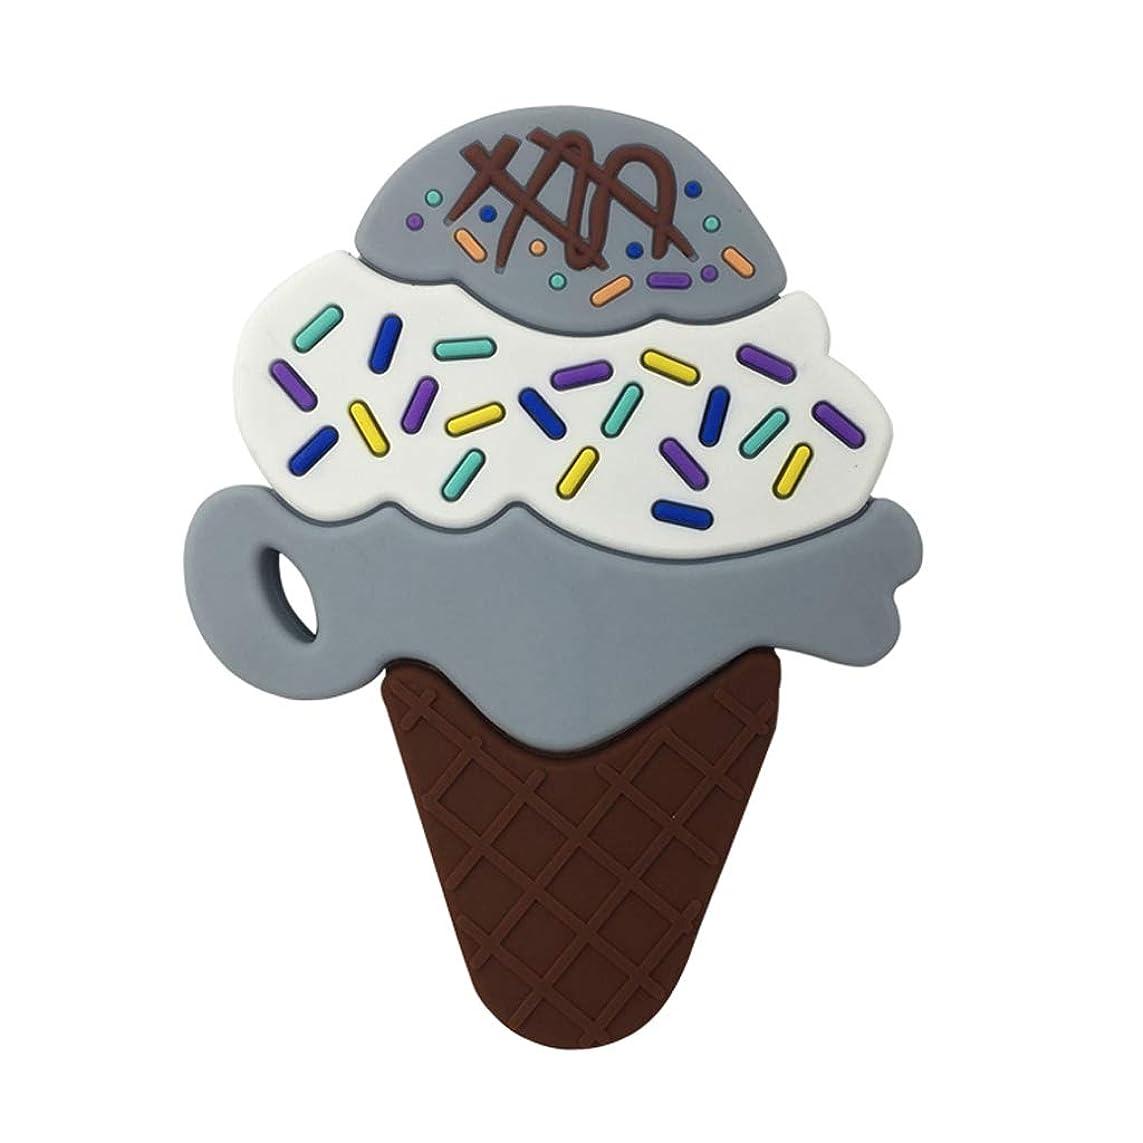 トースト効果食欲Landdumシリコーンおしゃぶり3層アイスクリームおしゃぶり赤ちゃんの授乳玩具チューイング玩具ガラガラ玩具 - グレー